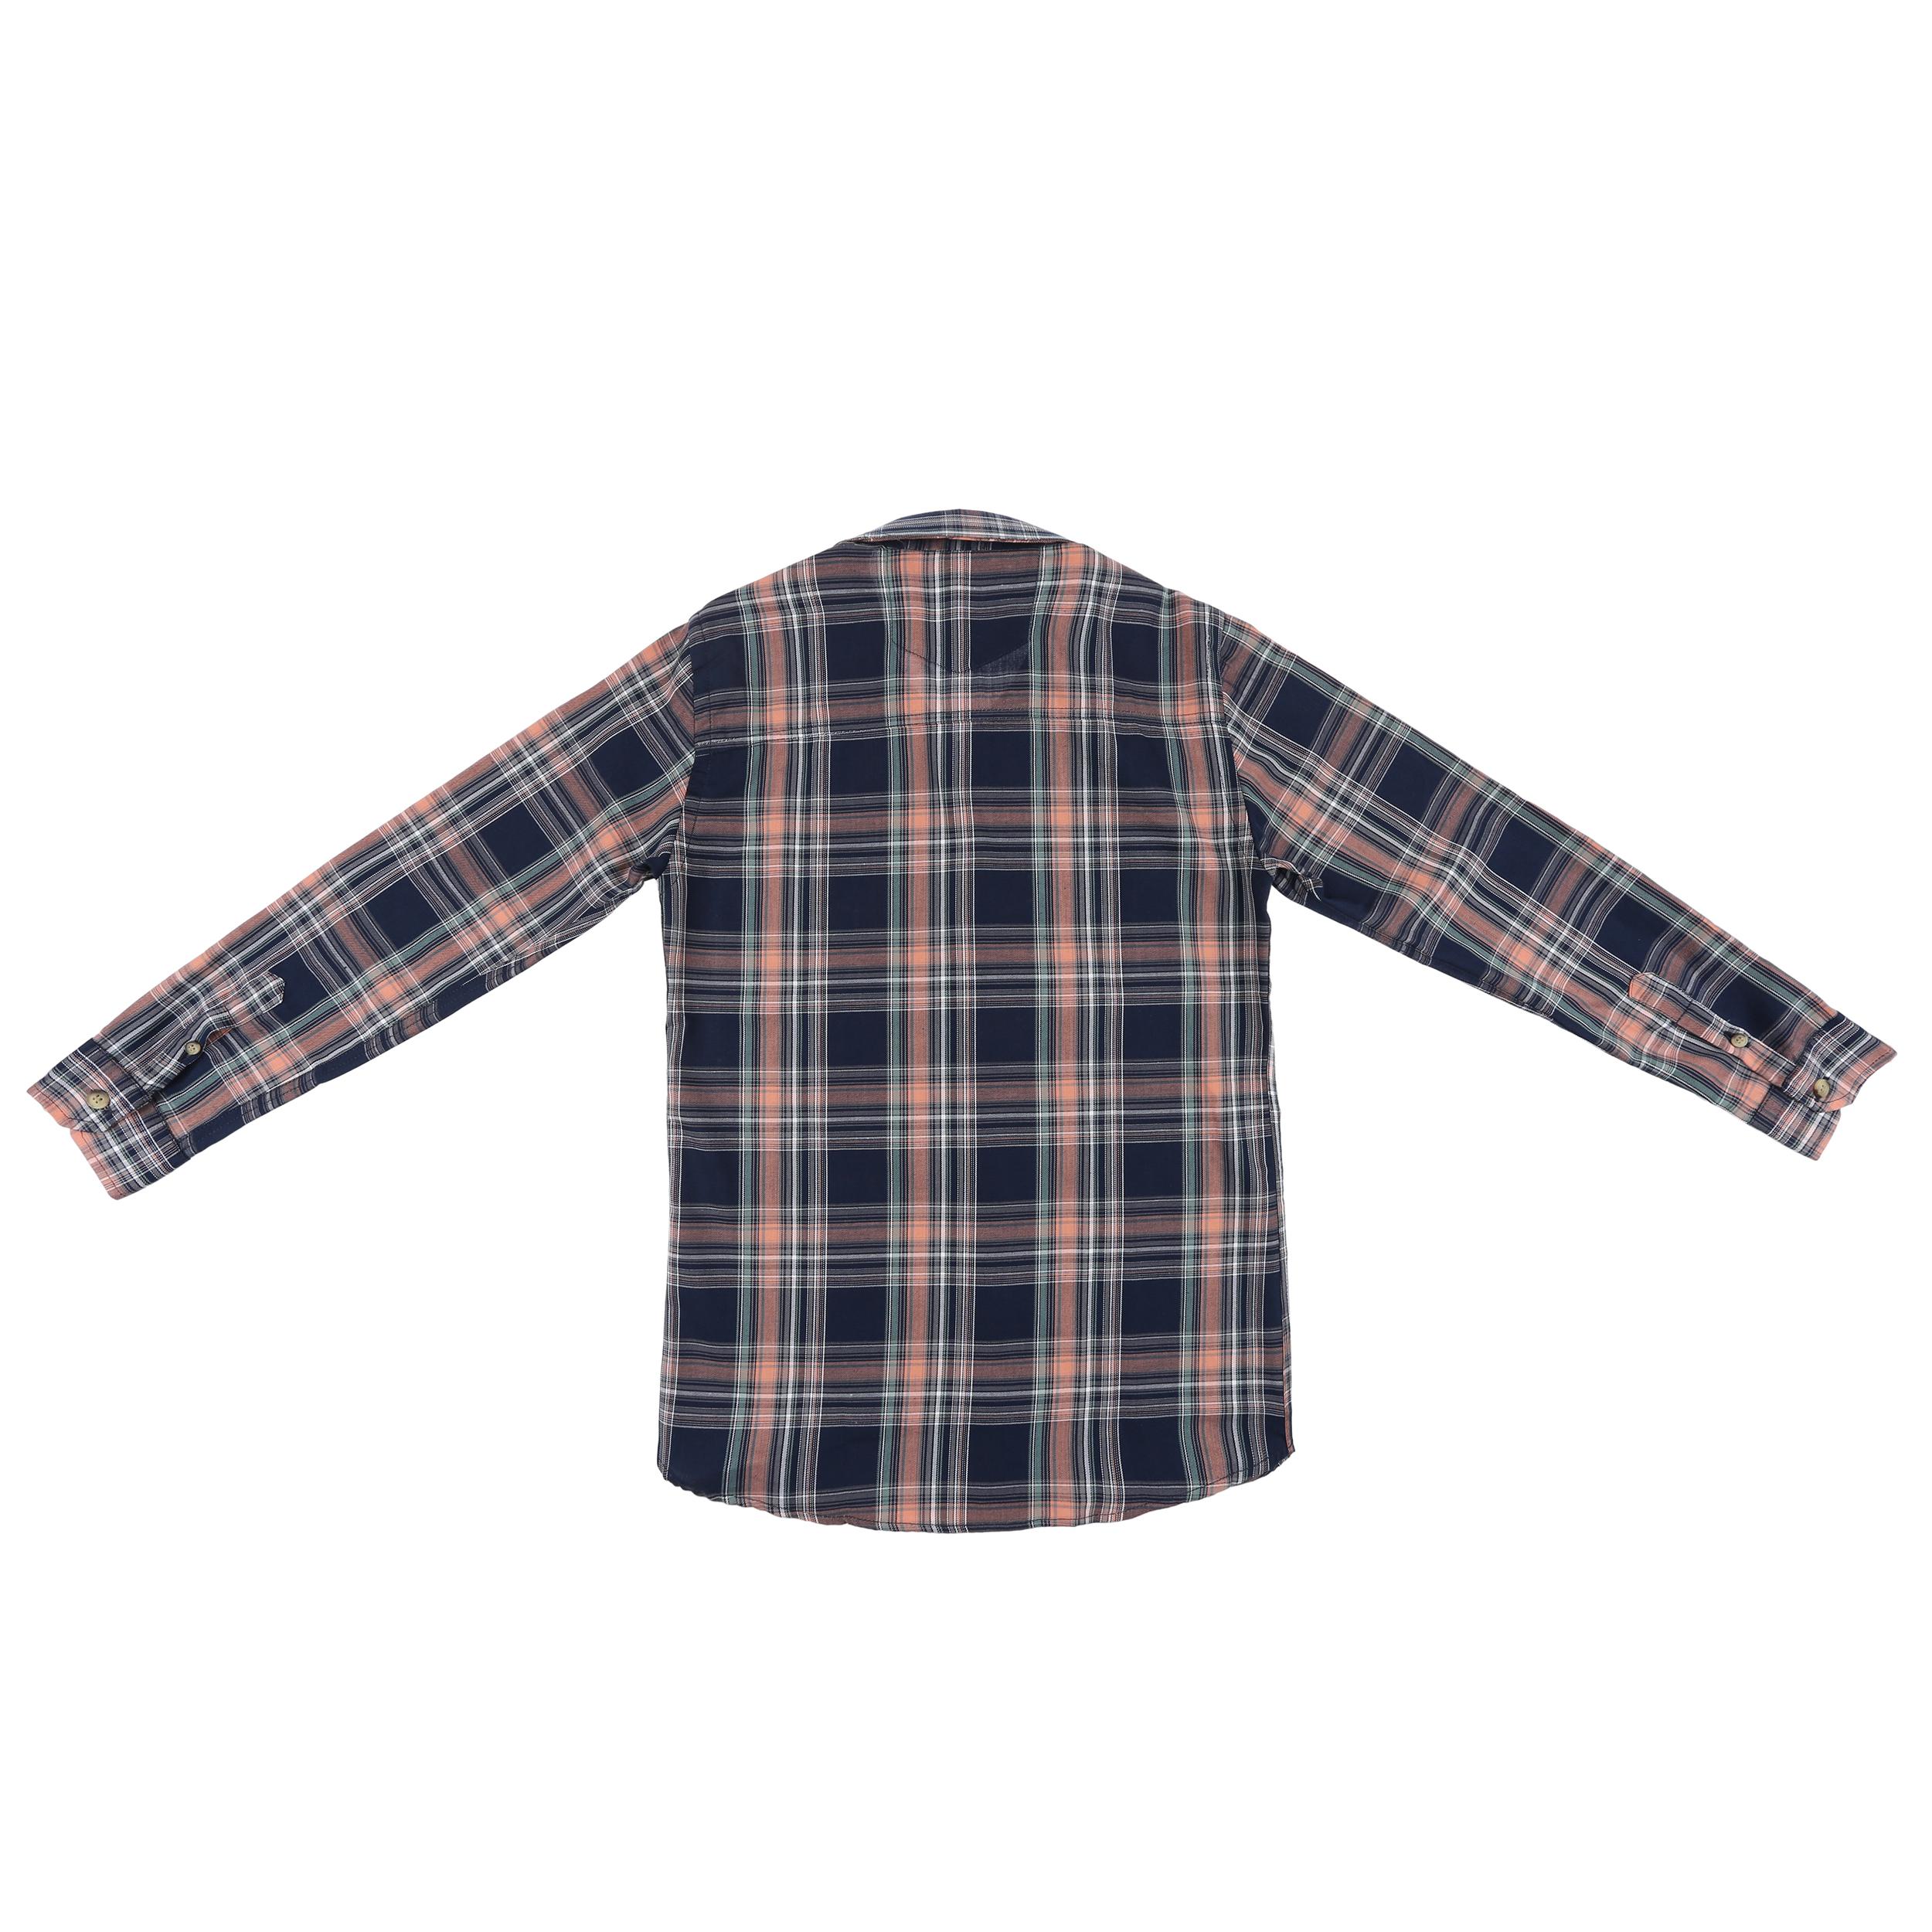 پیراهن پسرانه ناوالس کد G-20119-NV main 1 2